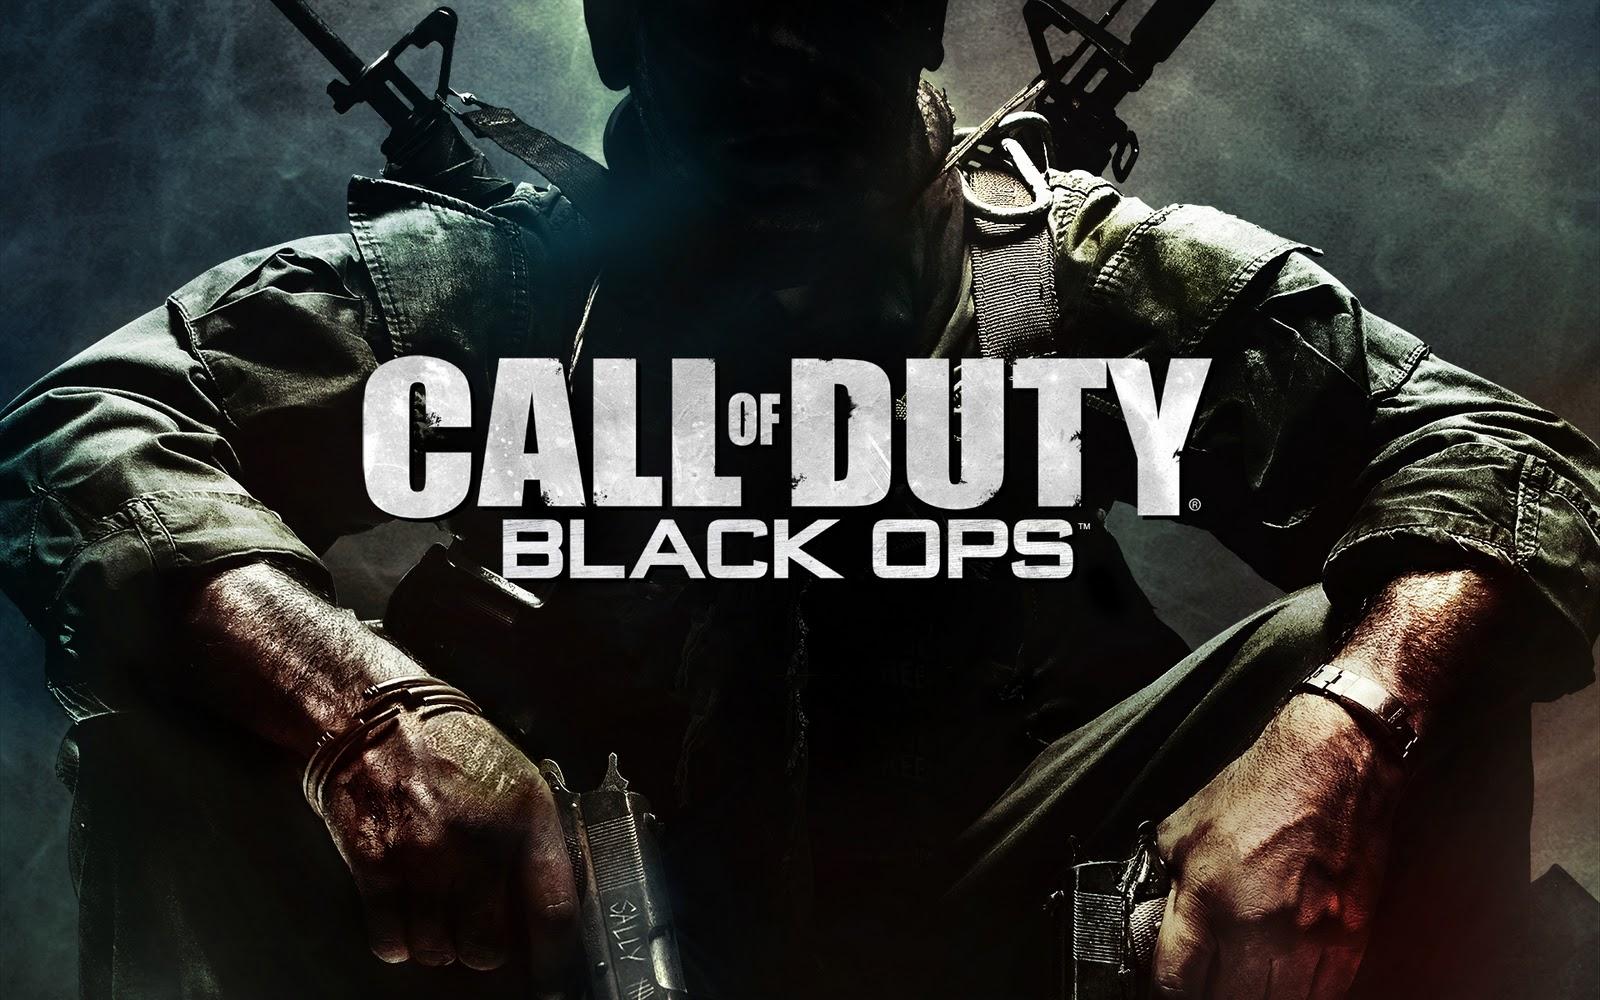 http://2.bp.blogspot.com/-xh4VUqBOf1A/TbaD8R2mszI/AAAAAAAAAFQ/CAWrPJ0j1-k/s1600/call-of-duty-black-ops-wallpaper.jpg